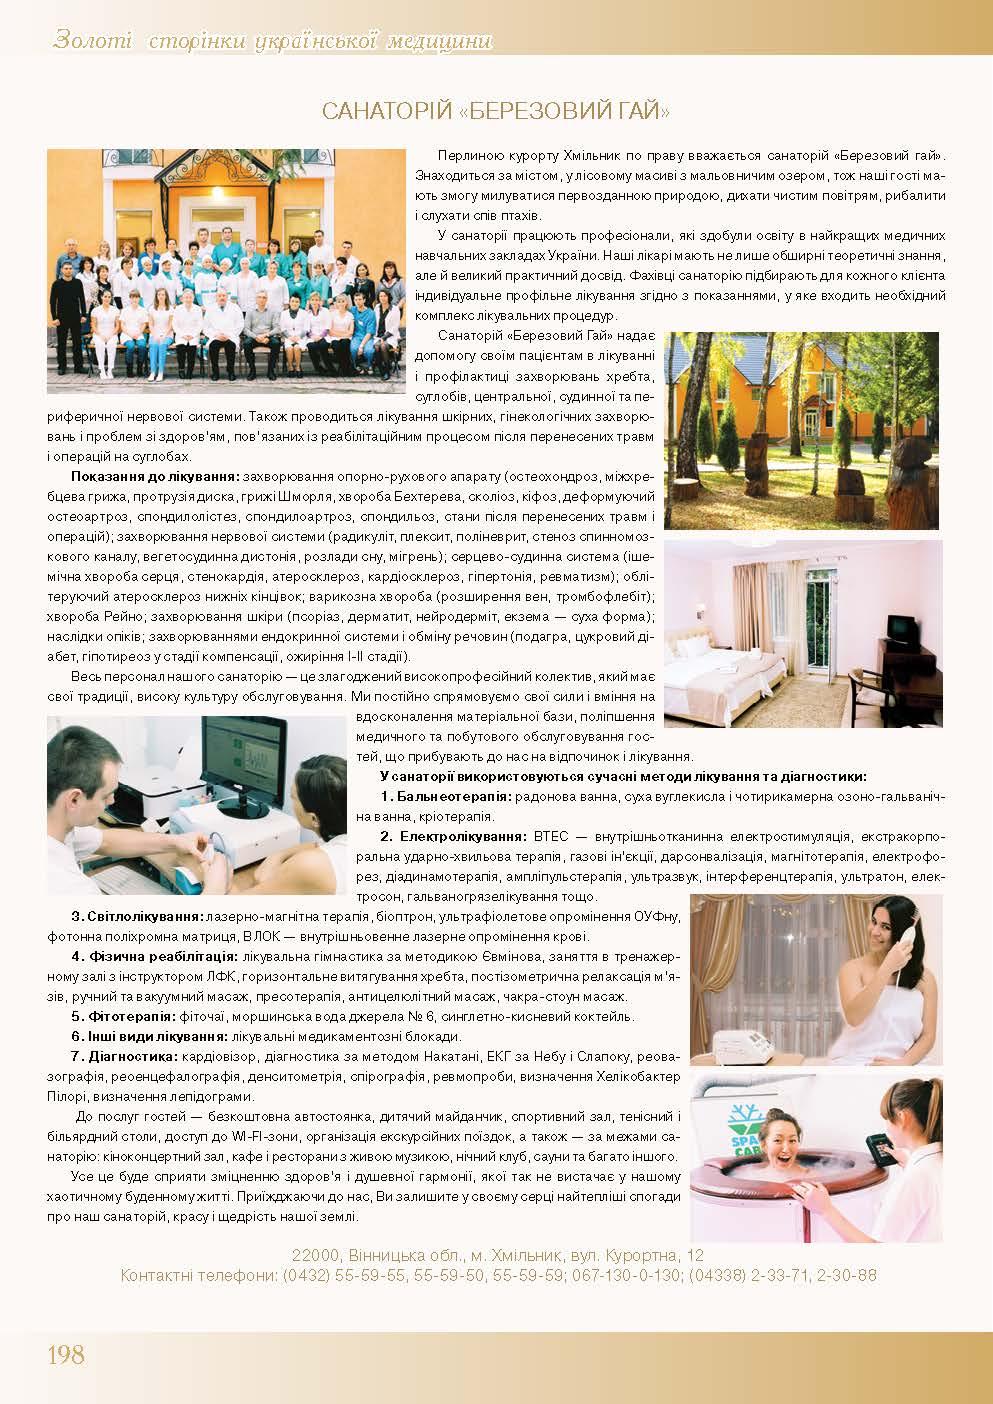 Санаторій «Березовий гай»